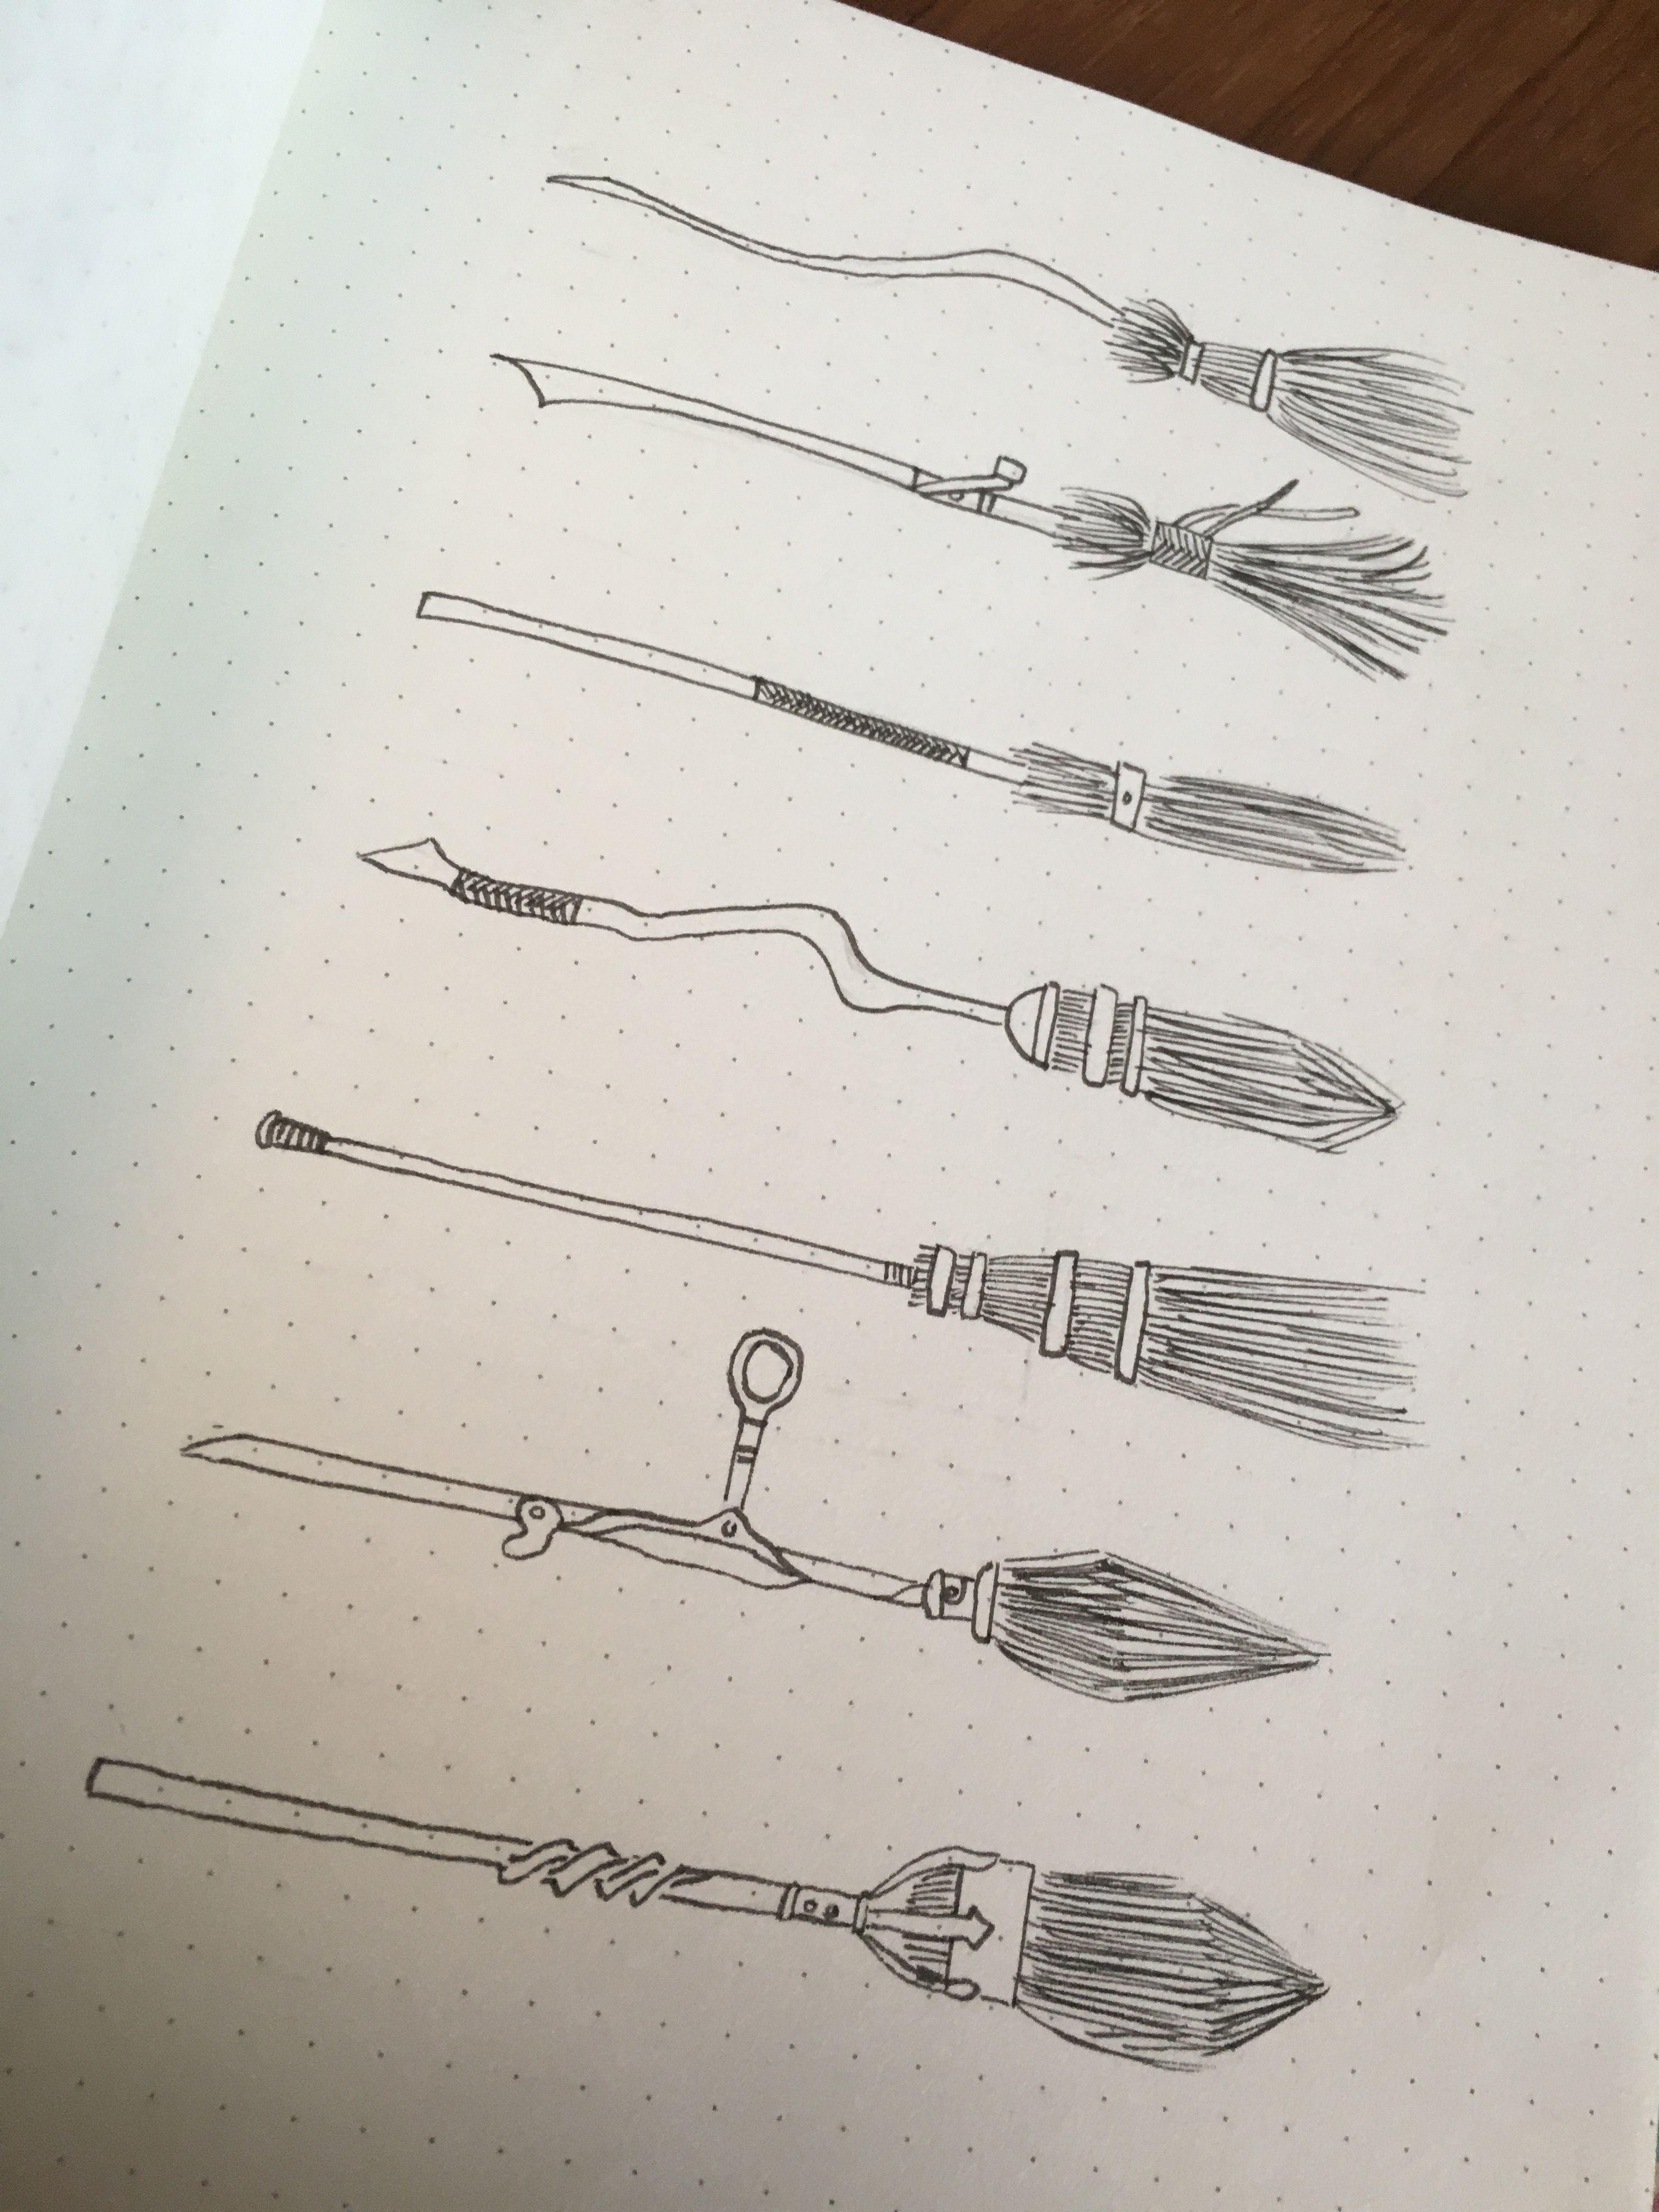 Harry Potter Broomsticks Halloweenbulletjournal Harry Potter Broomsticks Harry Potter Journal Harry Potter Broomstick Harry Potter Sketch